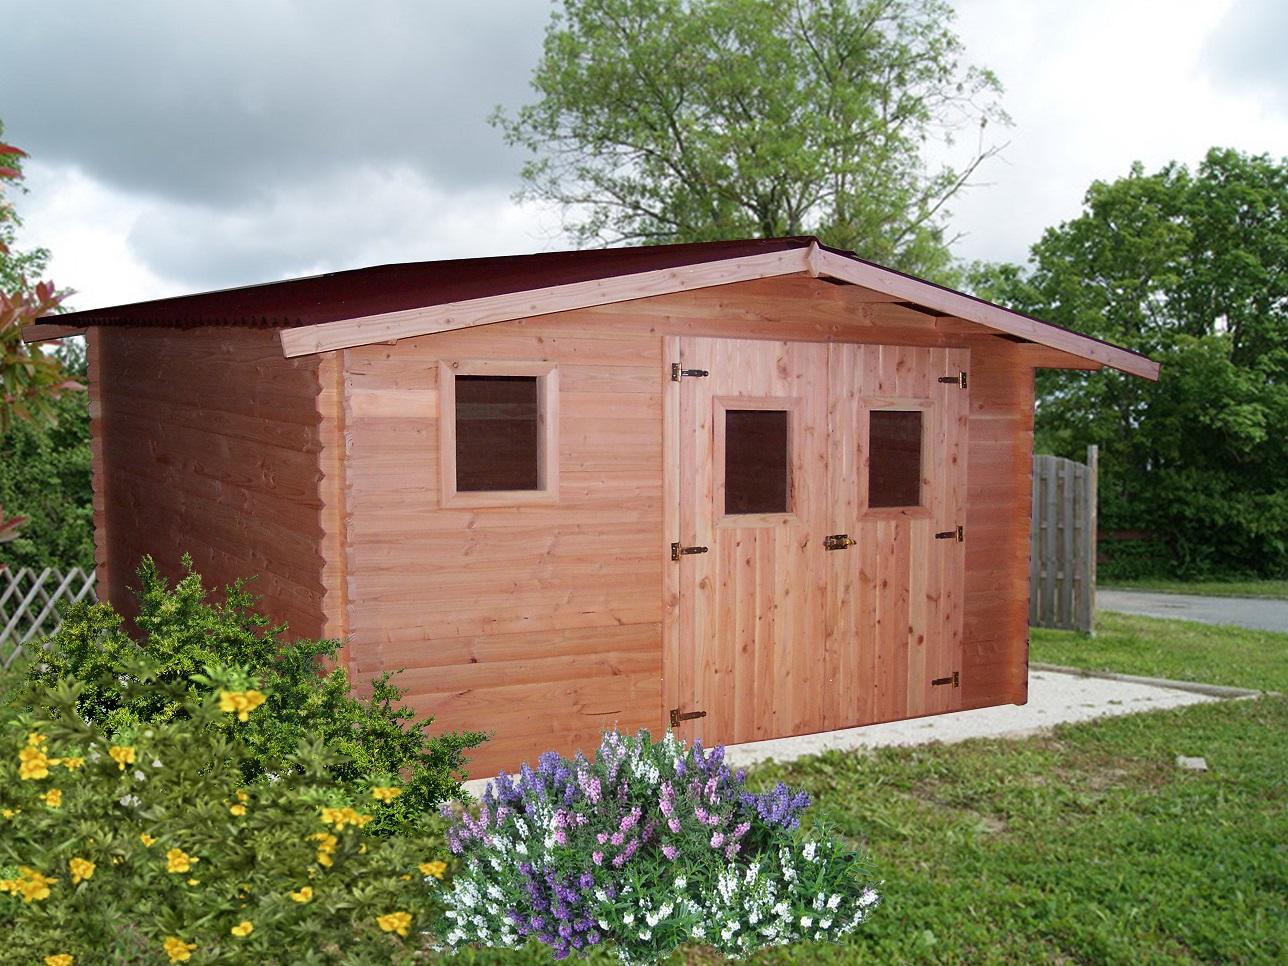 Abri de jardin 4x4 m en bois douglas oregon abrirama - Abris de jardin m x m en bois aulnay sous bois ...